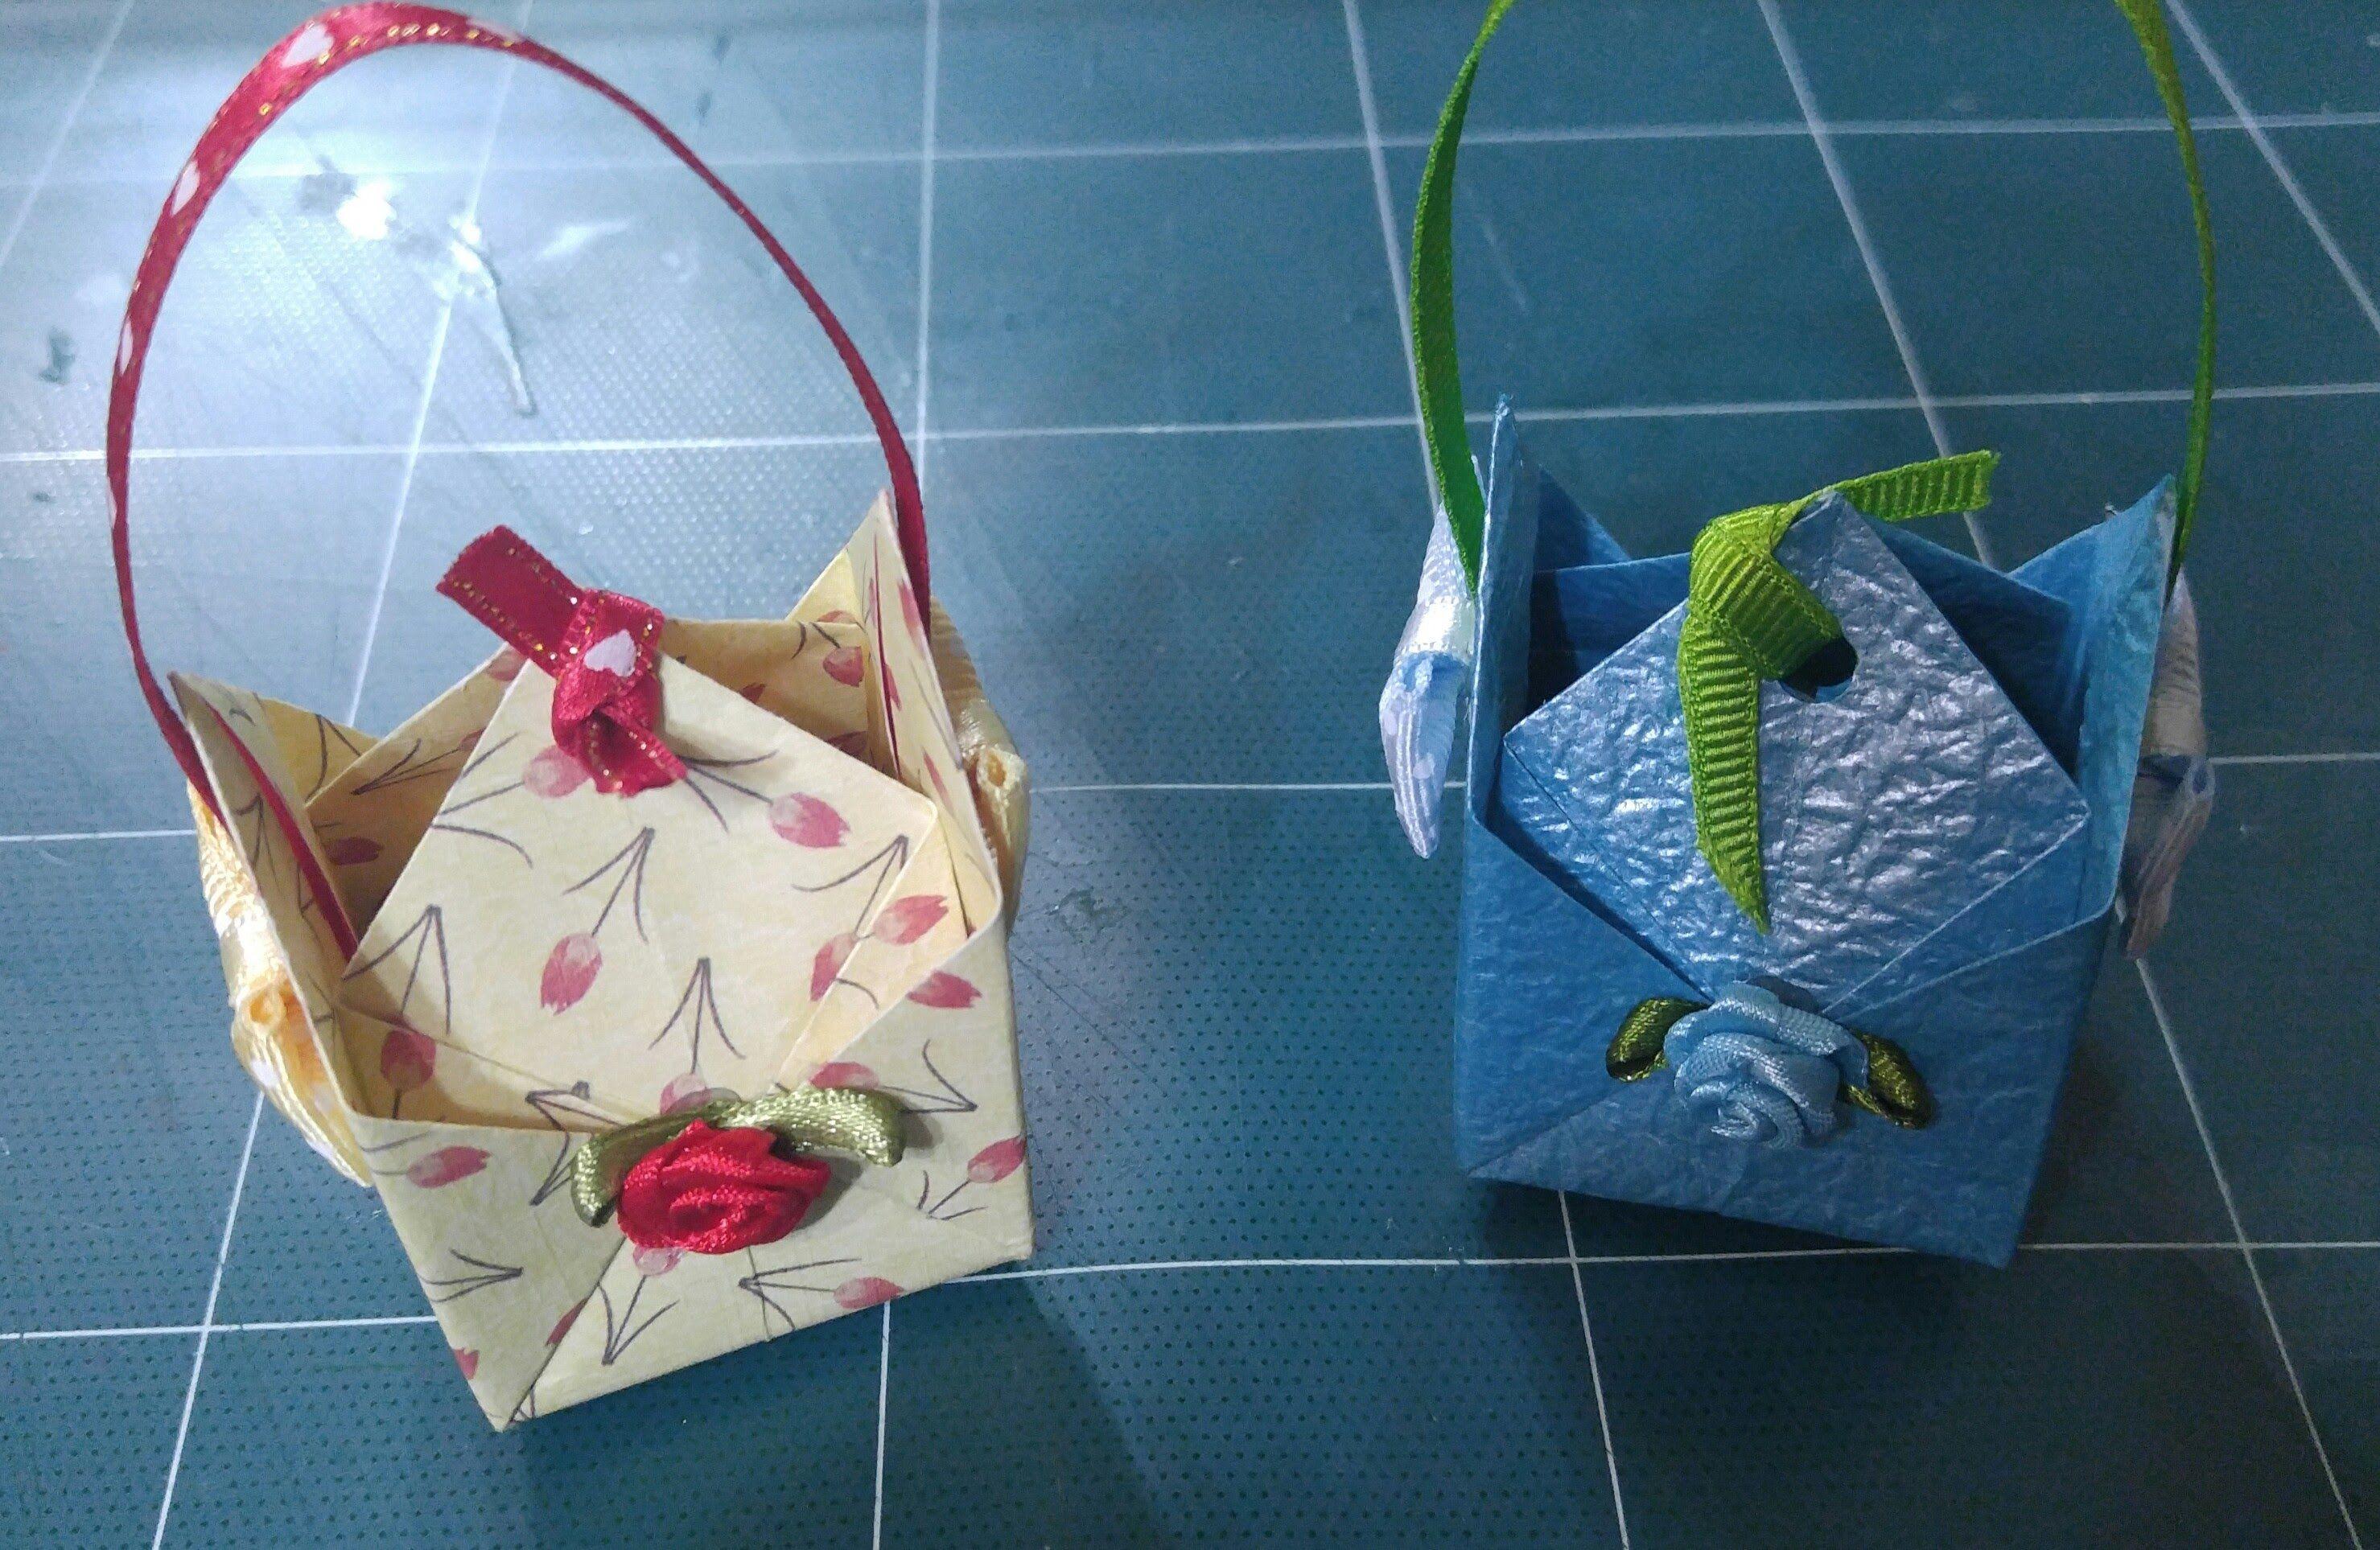 326.파레로로쉐쵸콜릿박스접기.오월의장미.종이접기.미니선물상자.종이공예.origami.